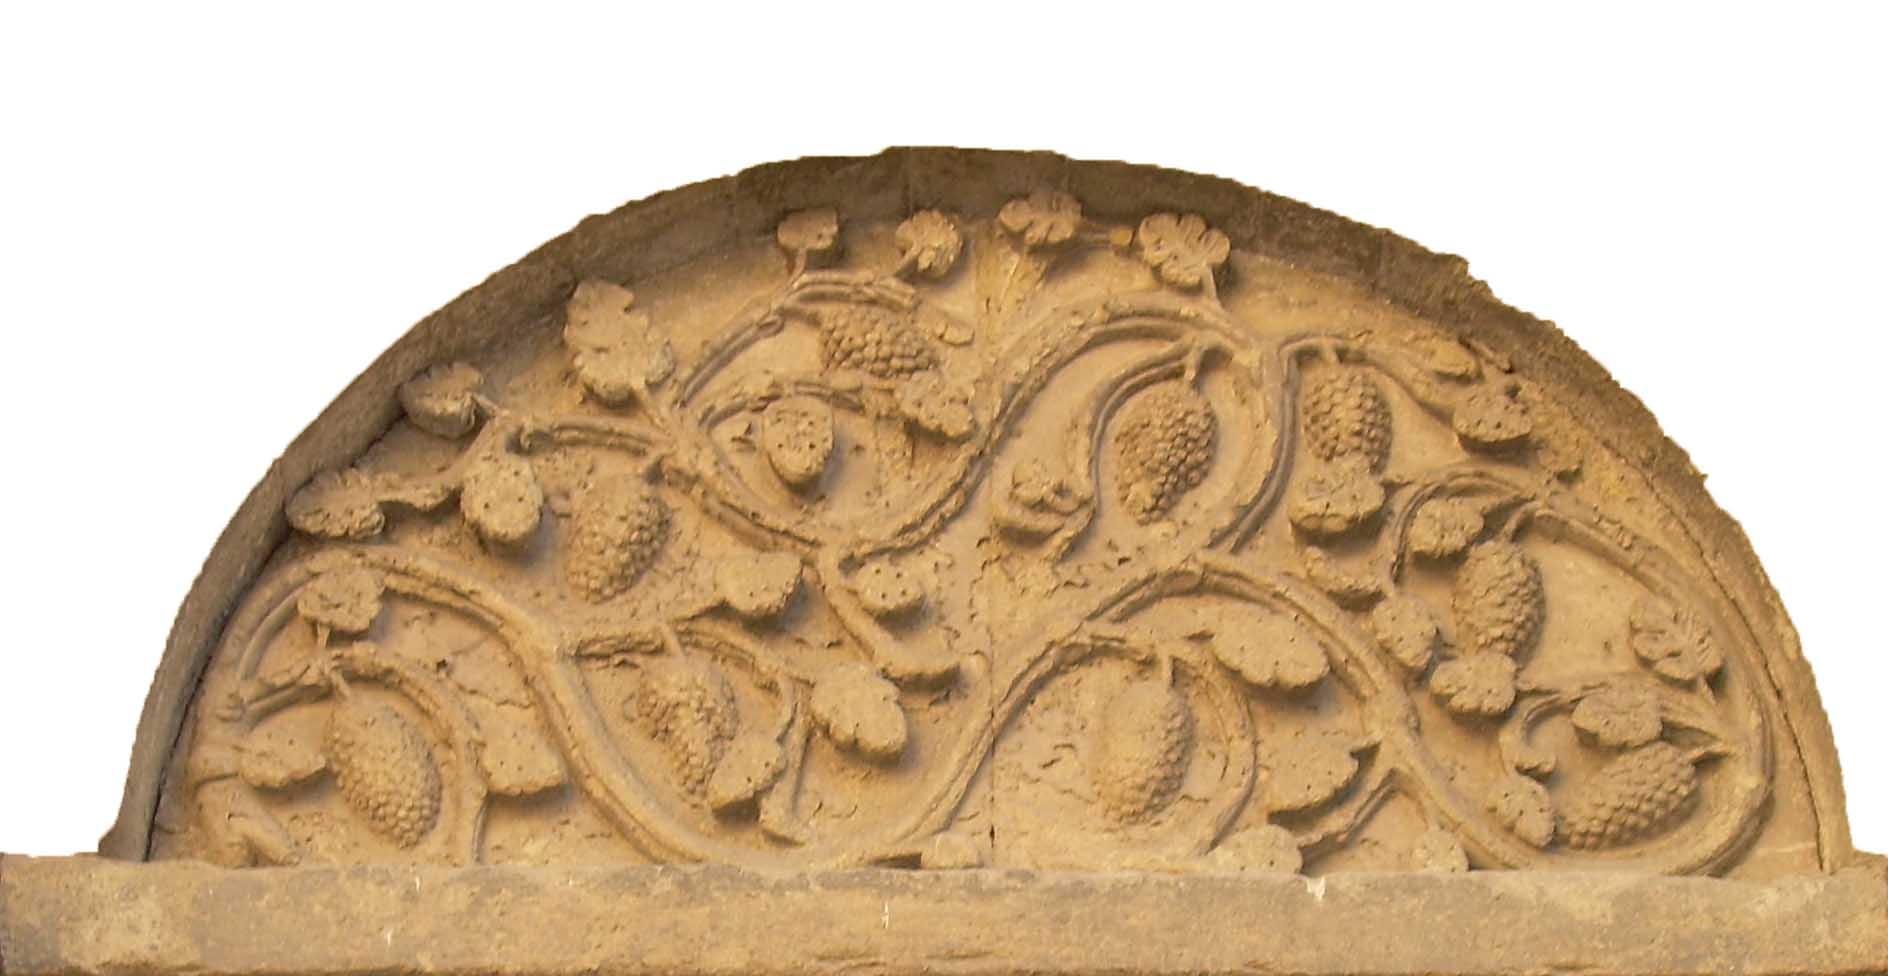 10. Bassorilievo con vite e tralci simbolici. Lunetta sovrapporta, XII sec. (Arezzo, Pieve Santa Maria).